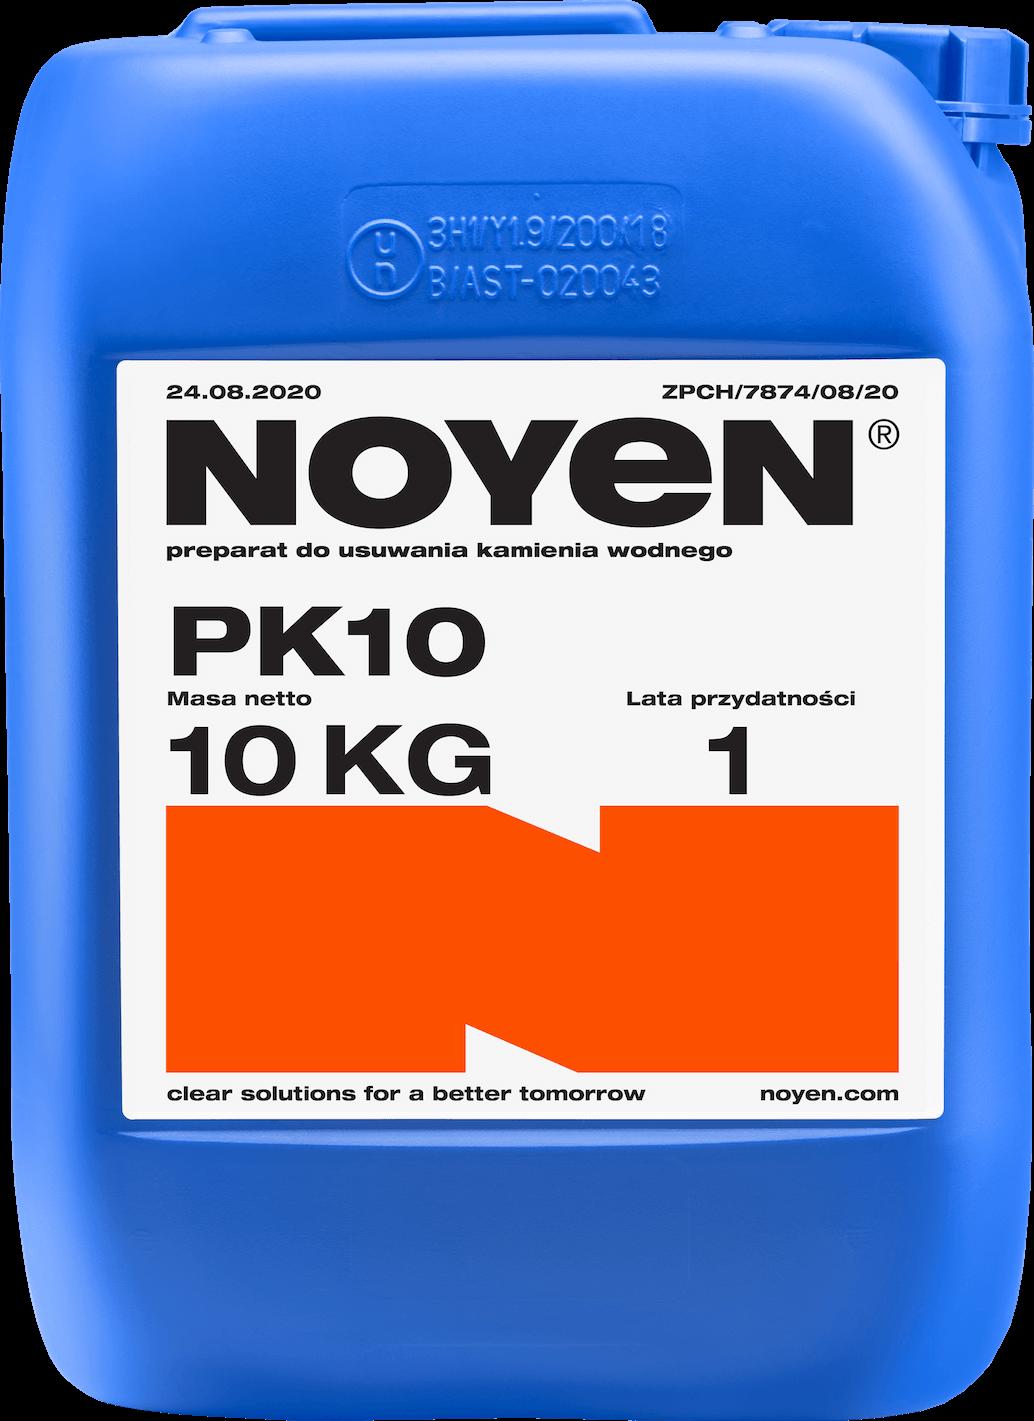 PK 10 NOYEN 10 KG preparat do usuwania kamienia wodnego w niebieskim kanistrze- zdjęcie max